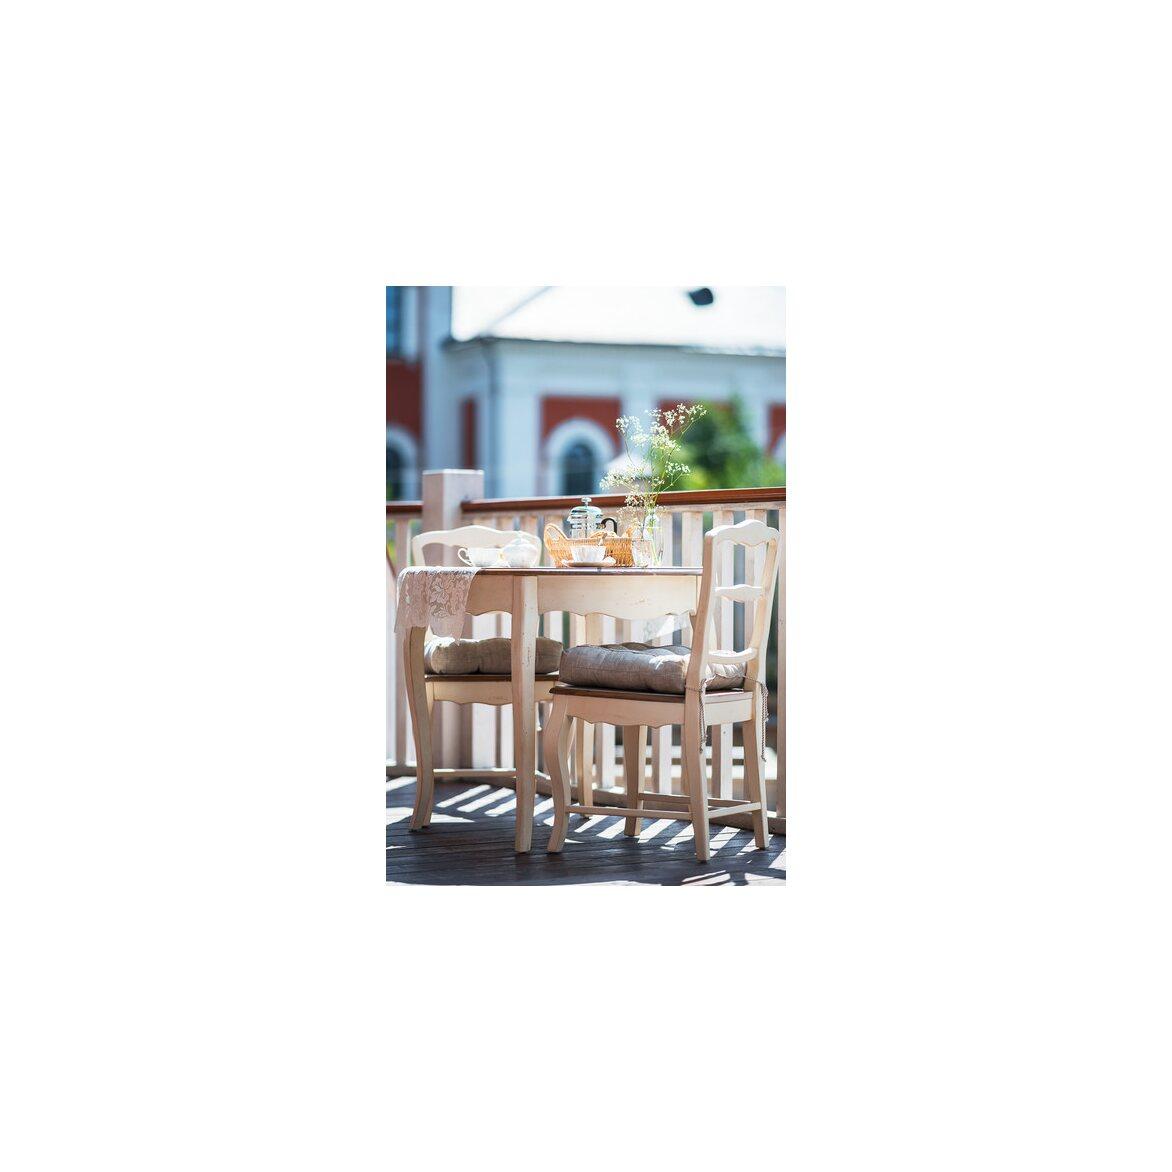 Круглый обеденный стол Leontina (малый), бежевого цвета 2   Обеденные столы Kingsby